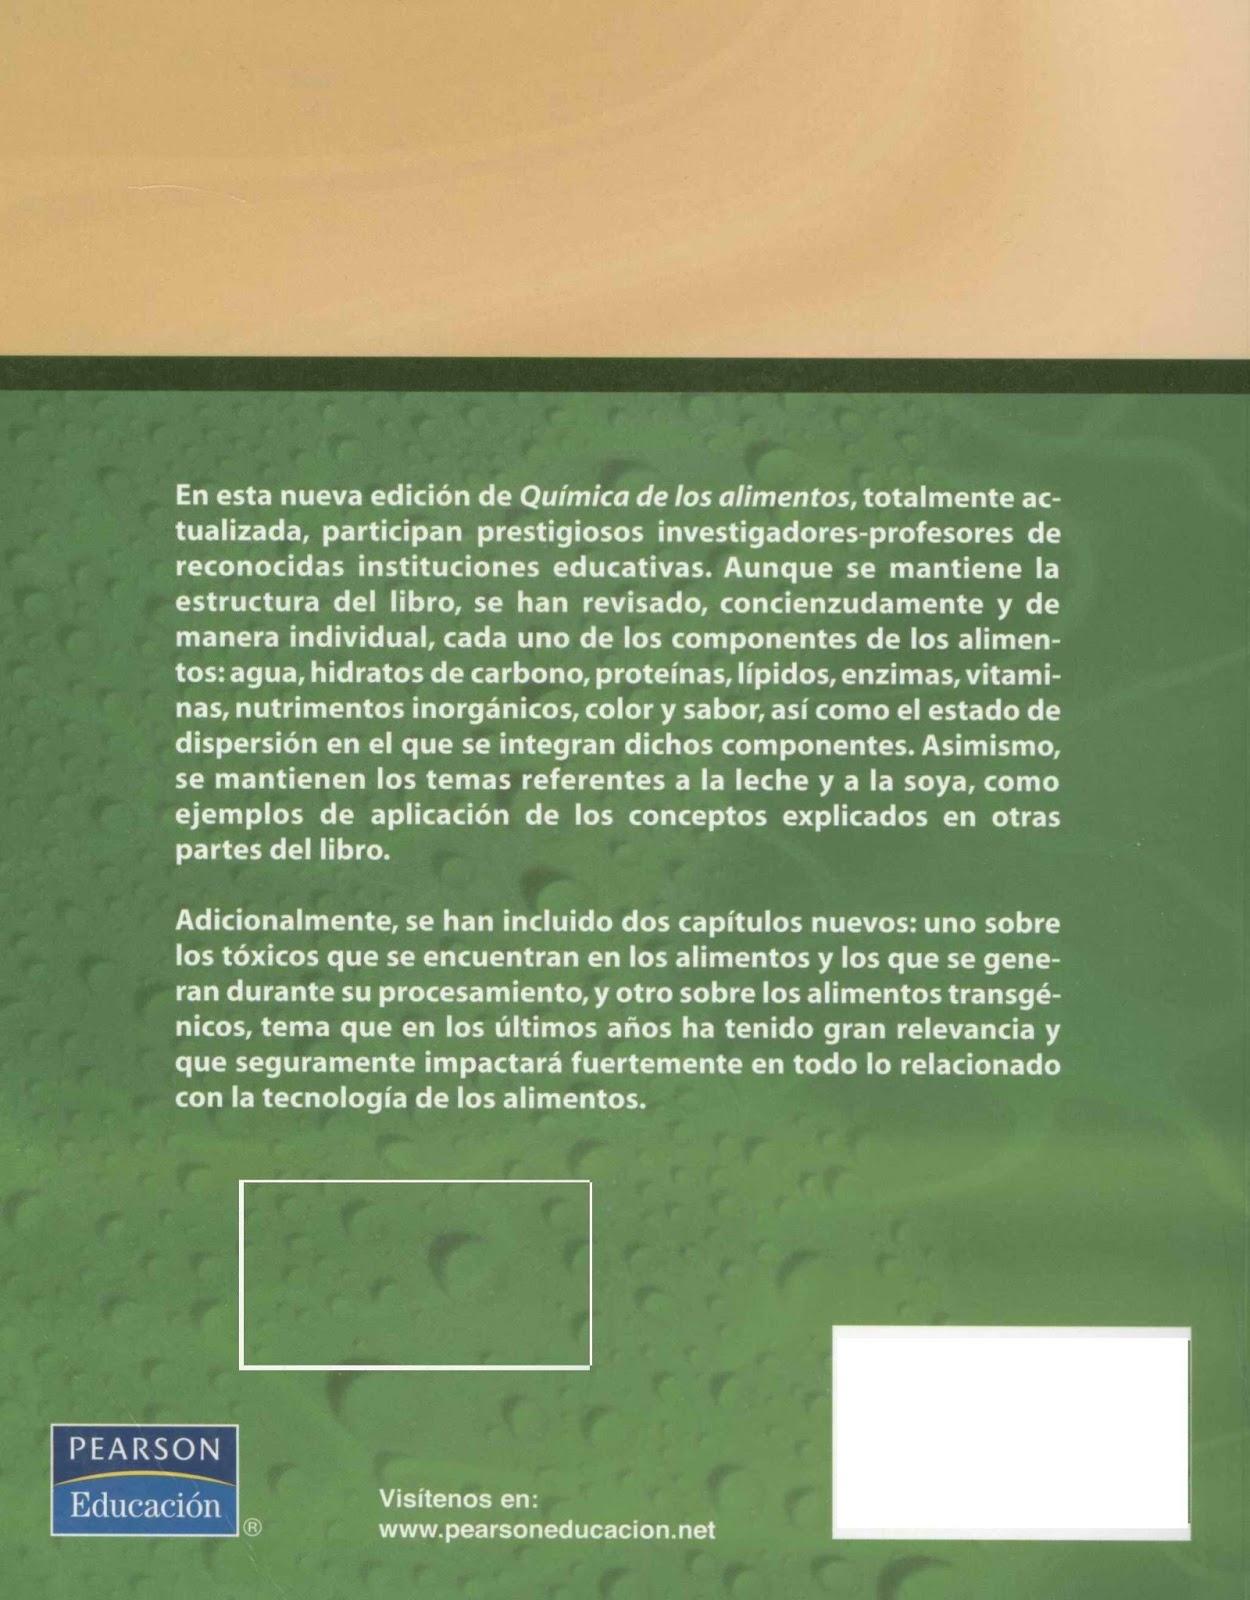 Libros revistas intereses for Quimica de los alimentos pdf